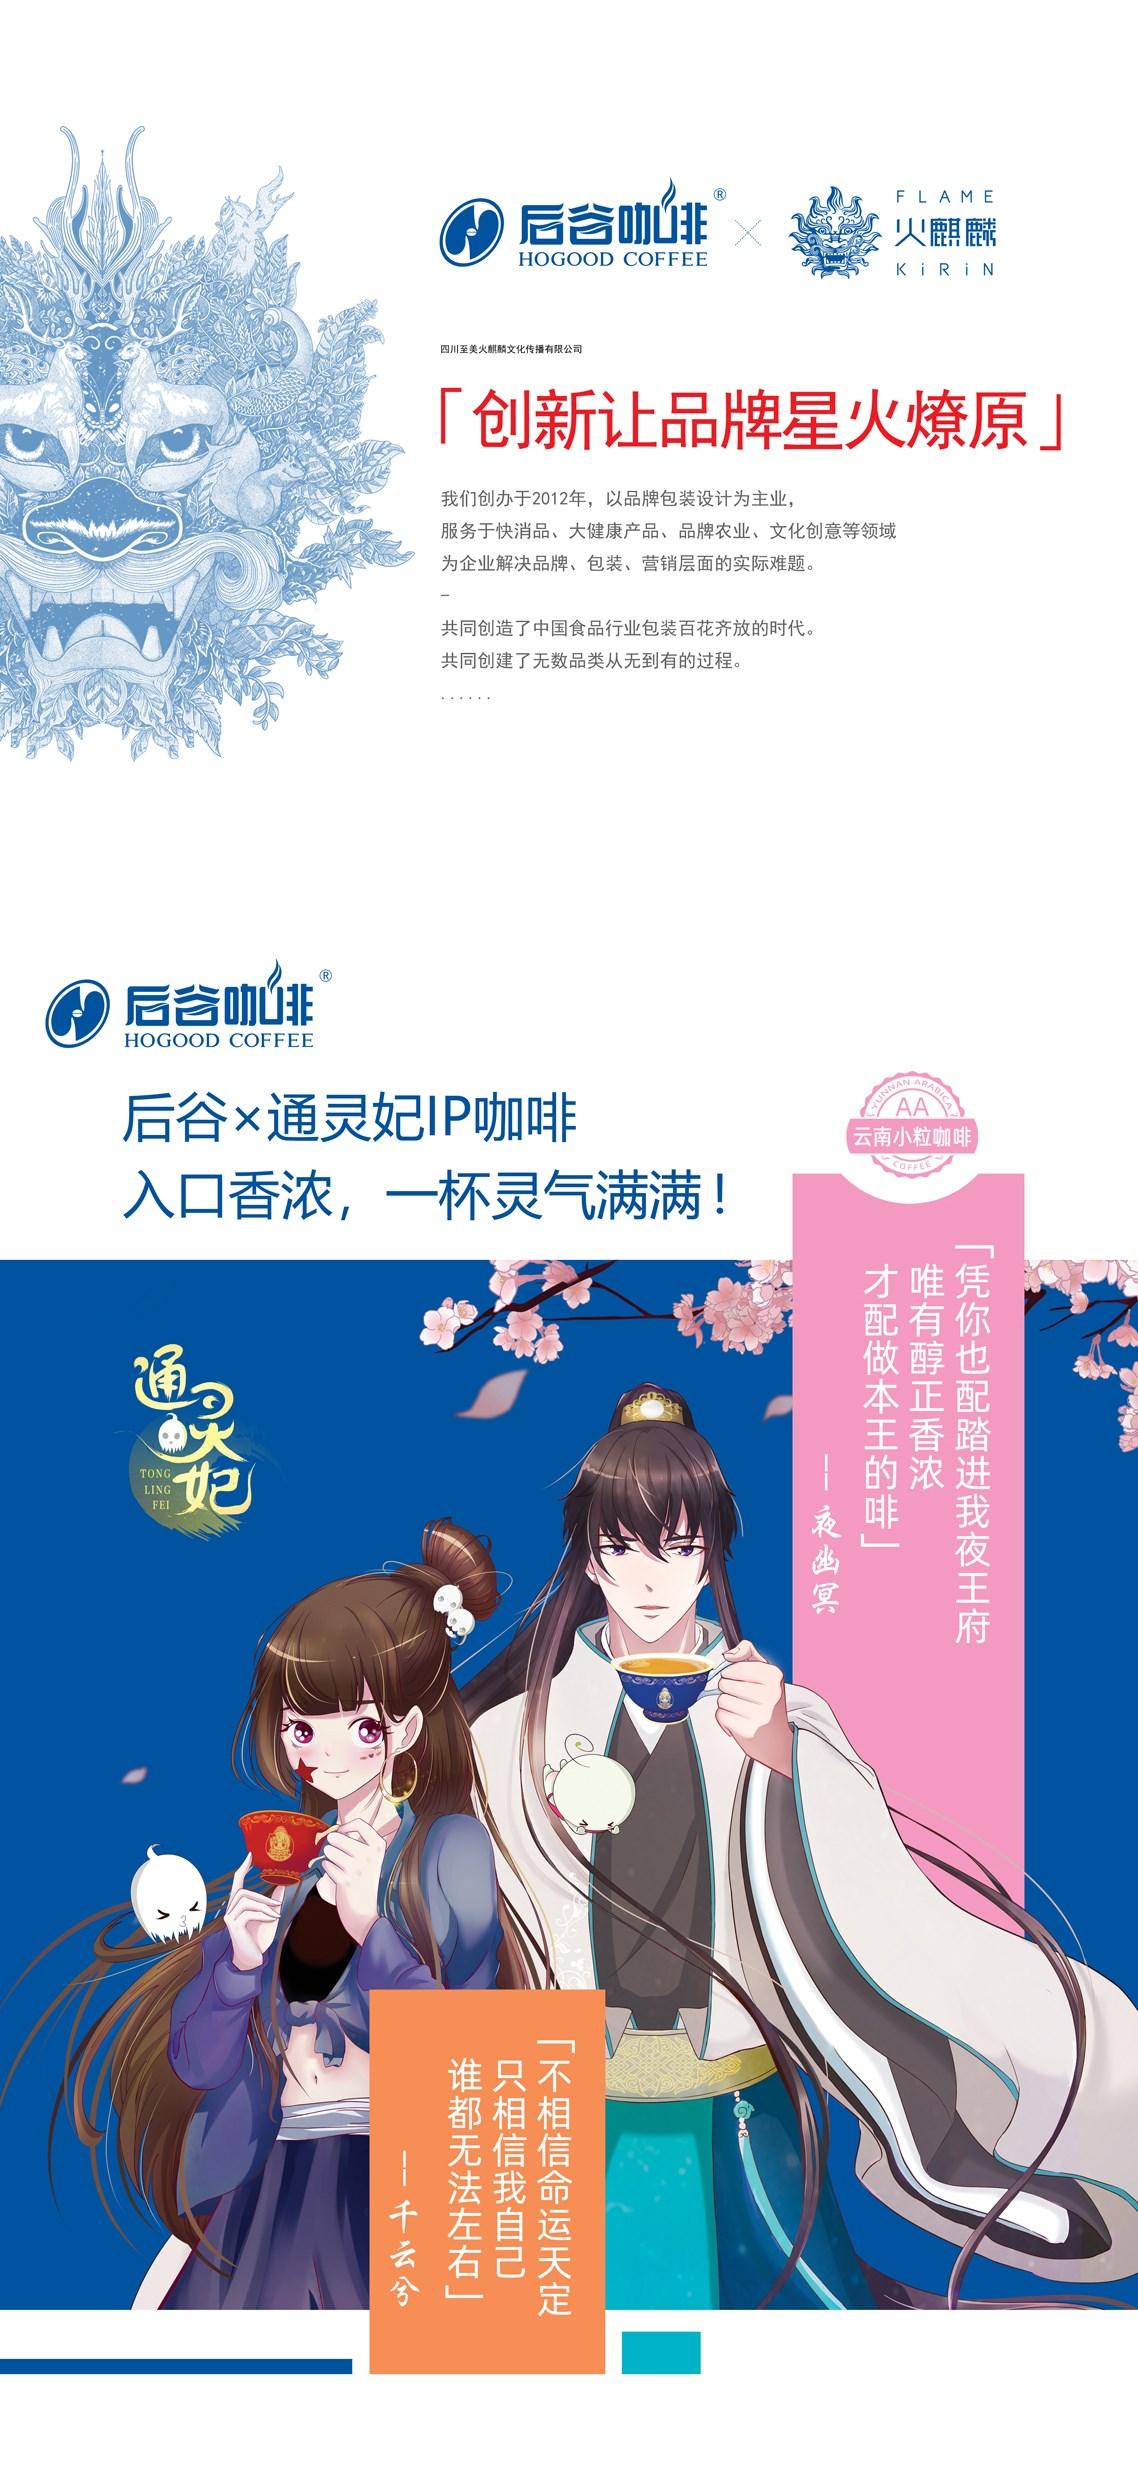 后谷咖啡×通灵妃IP丨咖啡品牌丨云南小粒咖啡